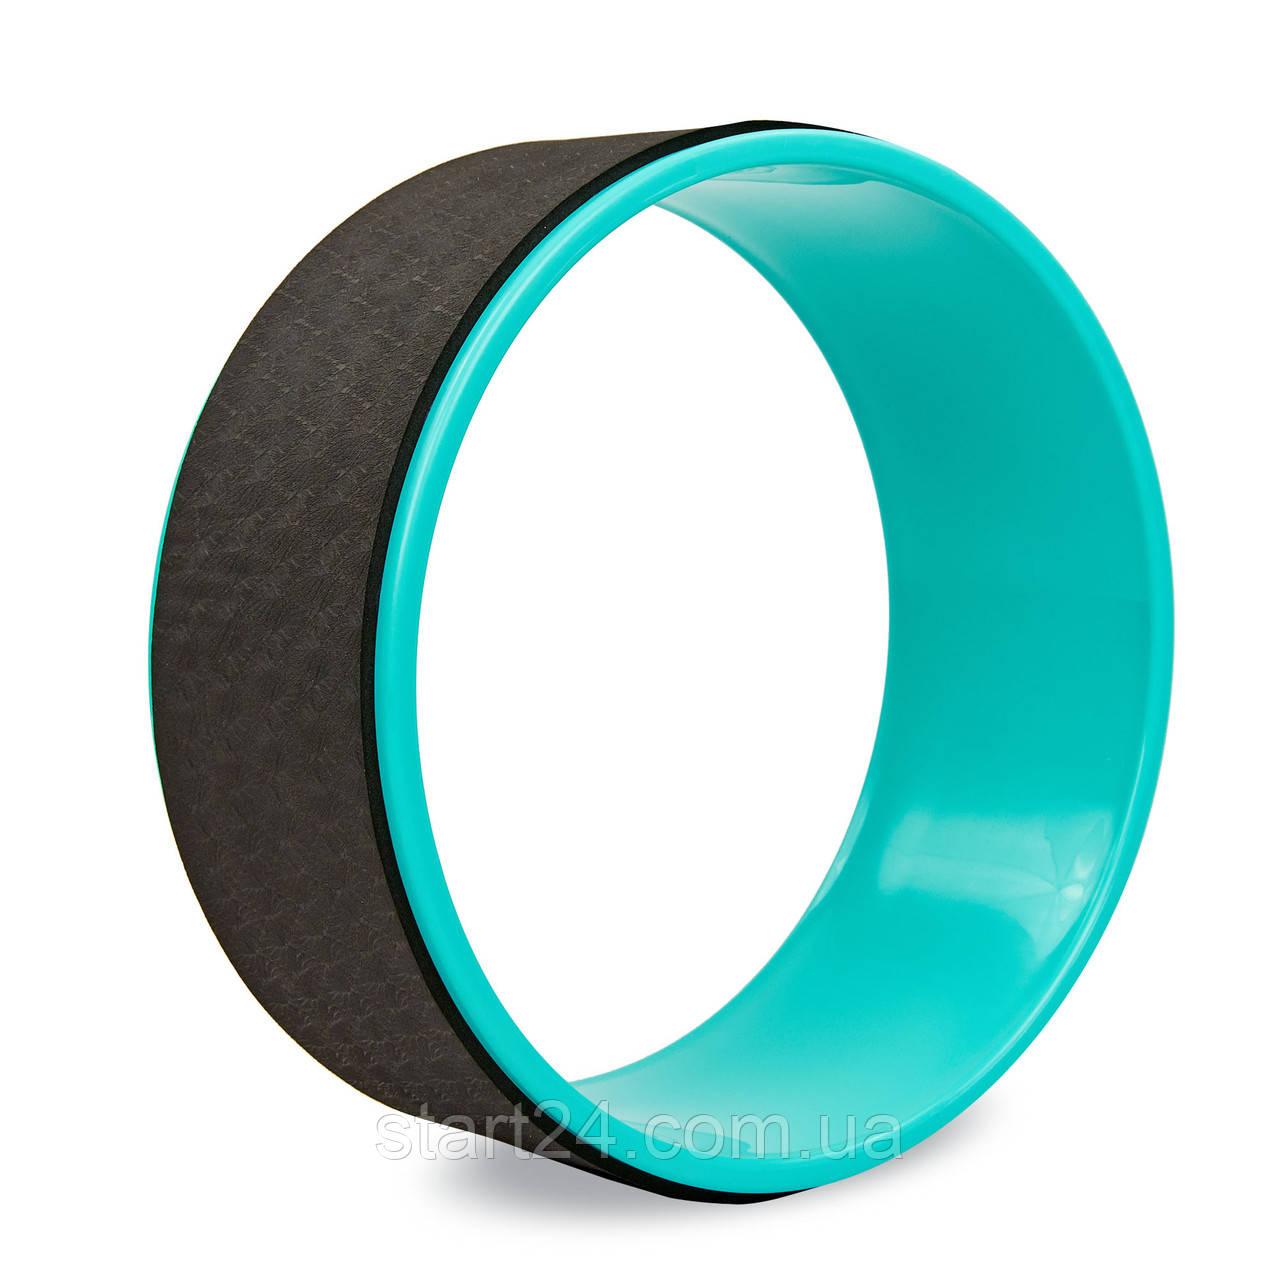 Колесо-кільце для йоги FI-8374 Fit Wheel Yoga (EVA, PP, р-р 33х13см, чорний-бірюзовий)